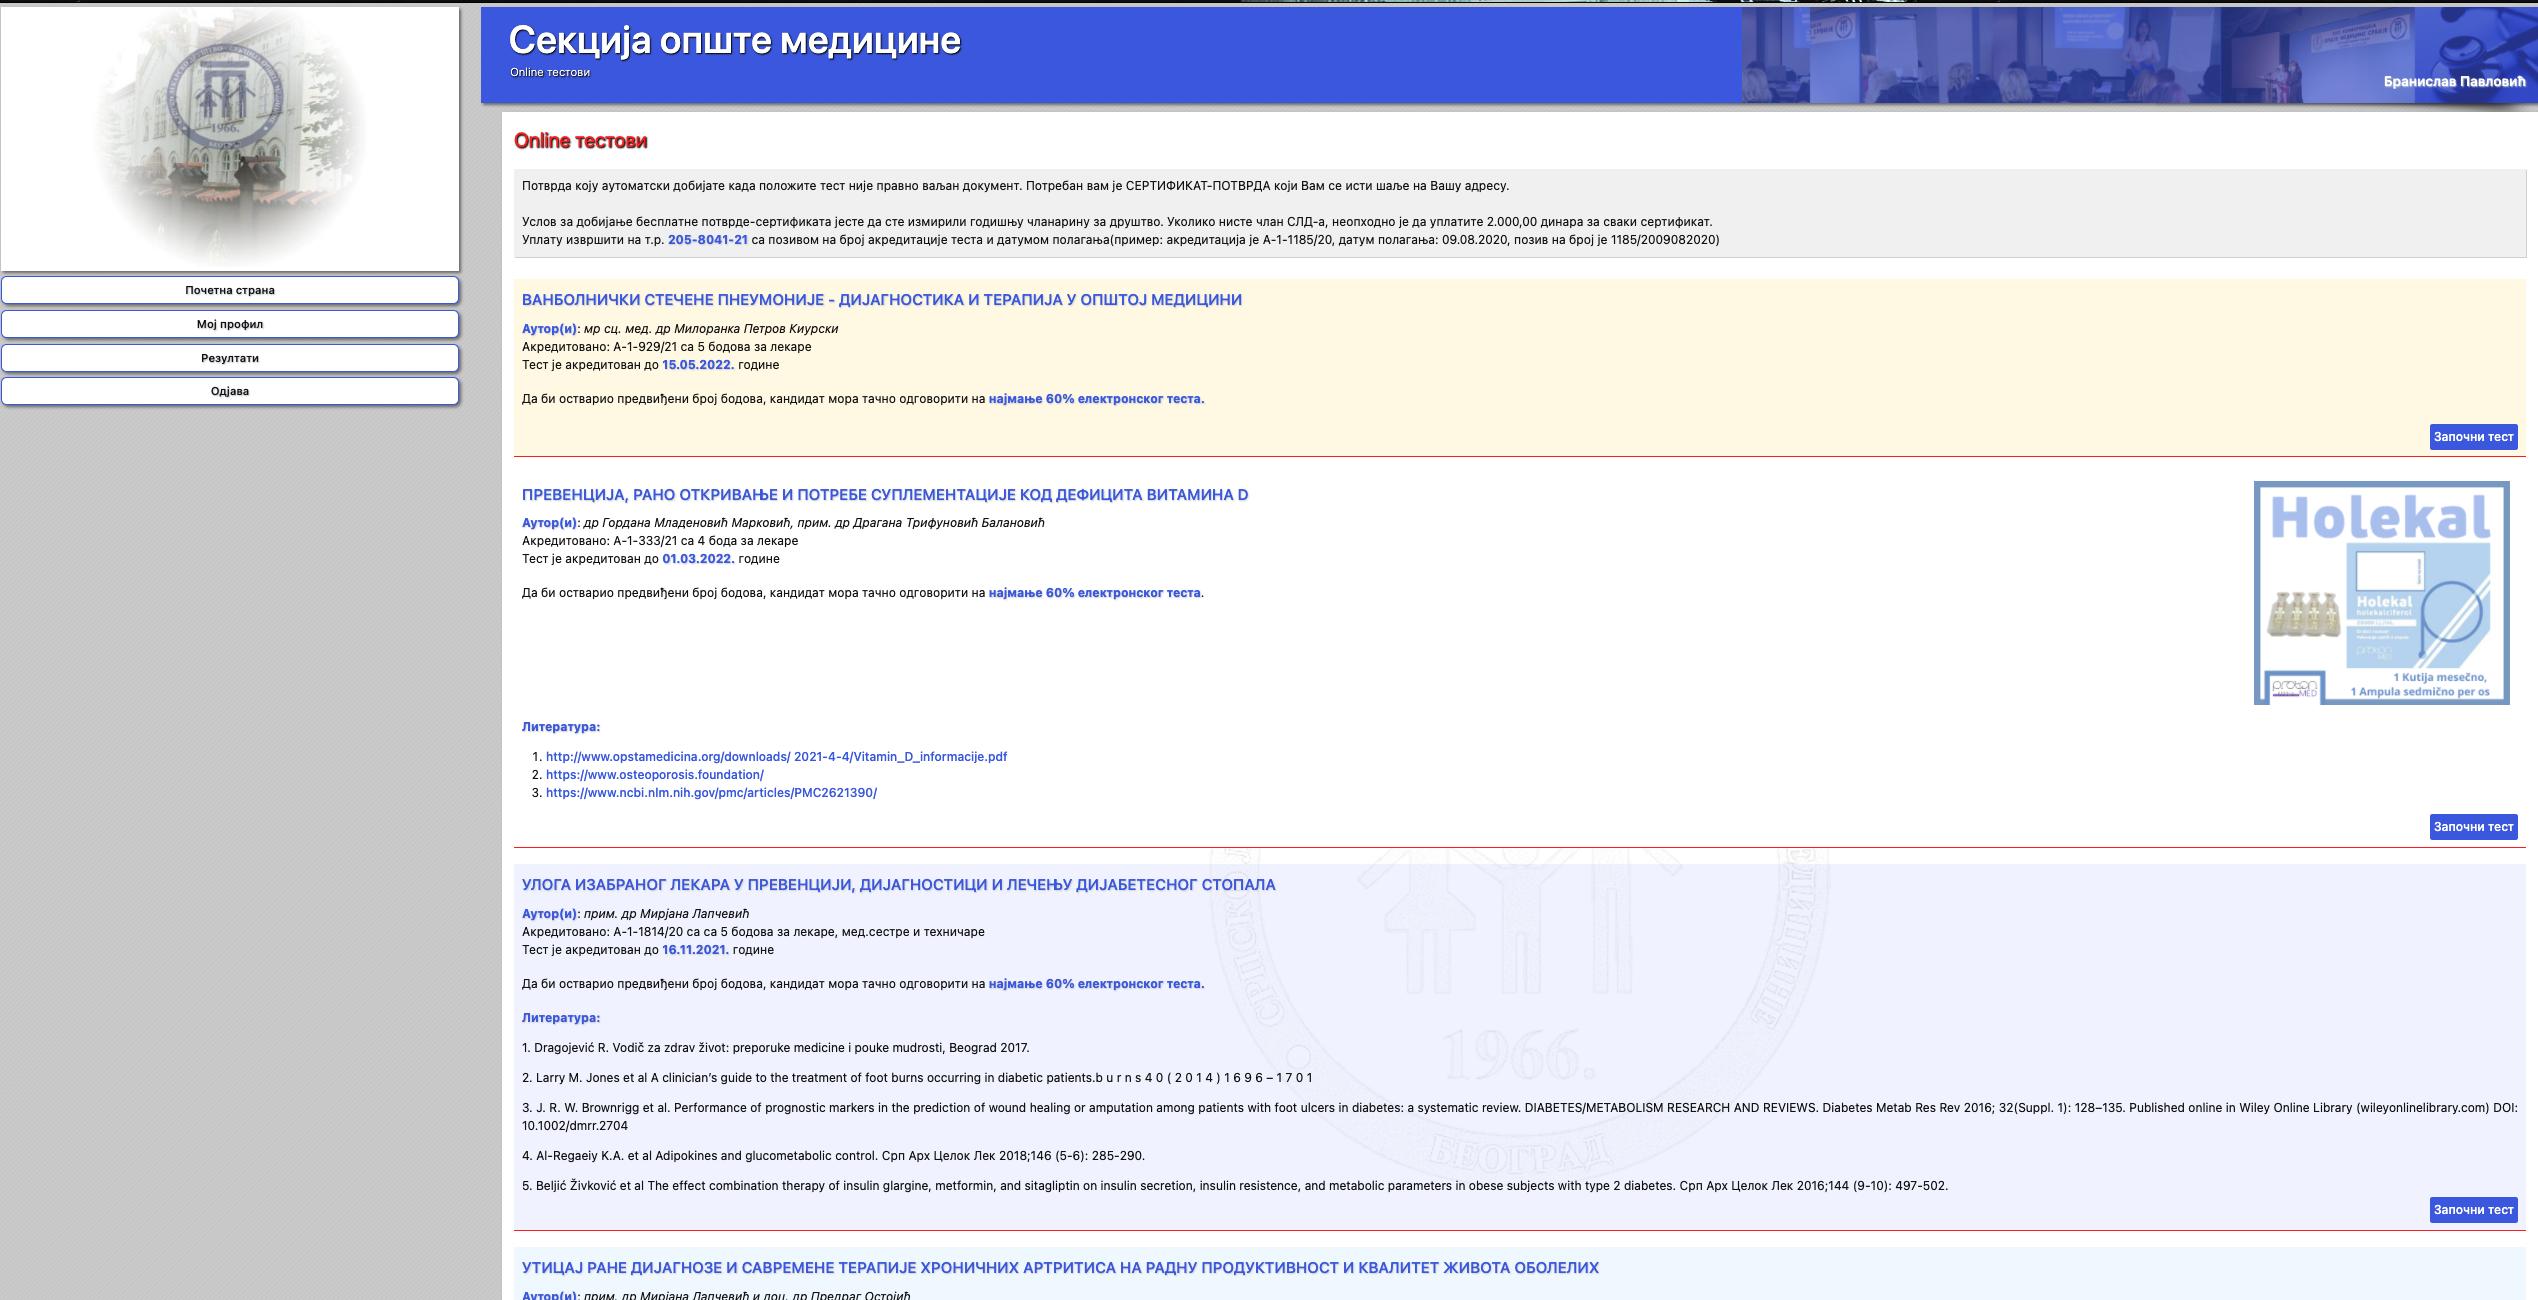 Screenshot-2021-09-02-at-13.58.03-2